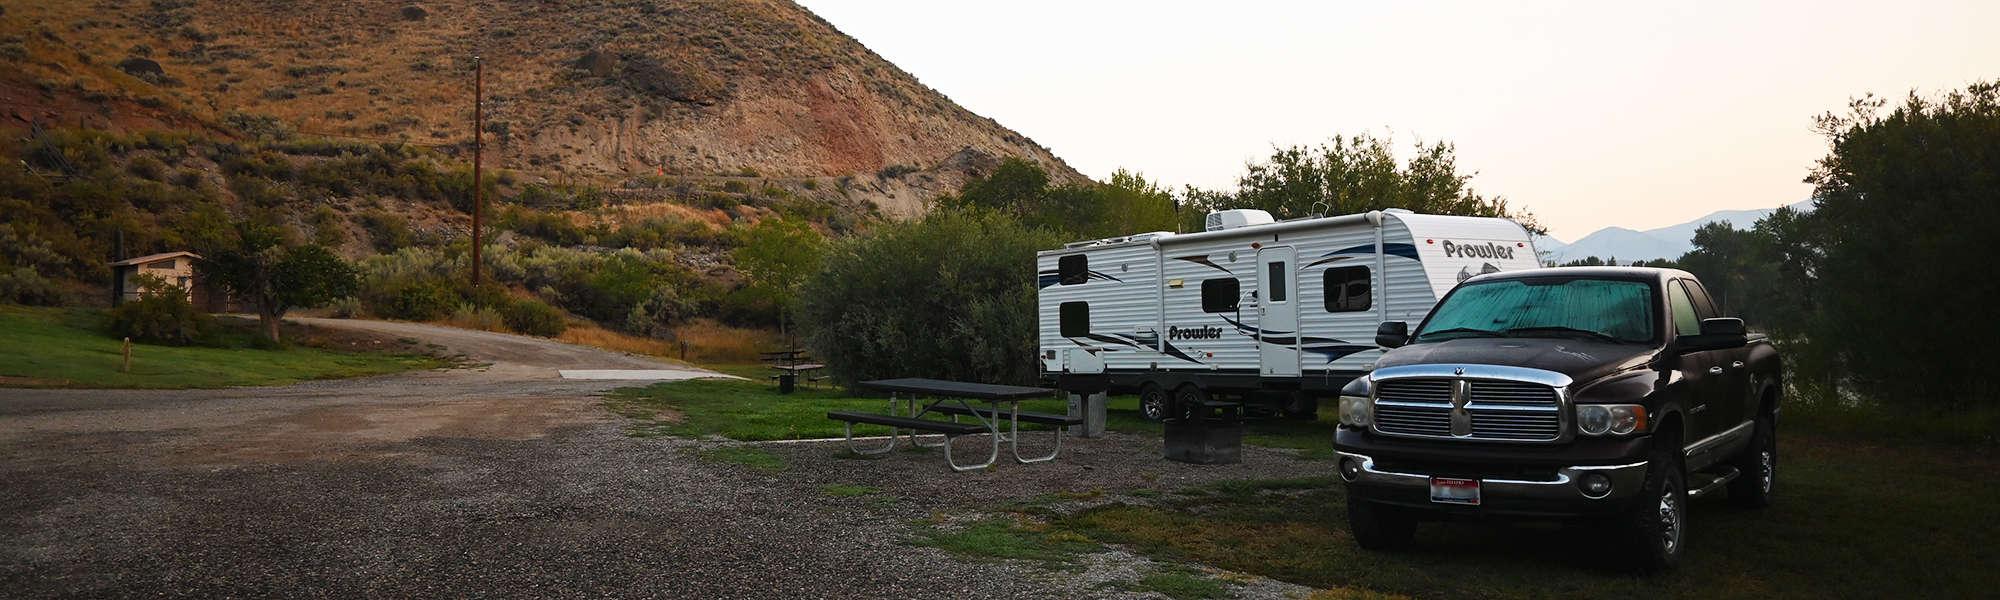 morgan-bar-recreation-area-salmon-river-idaho